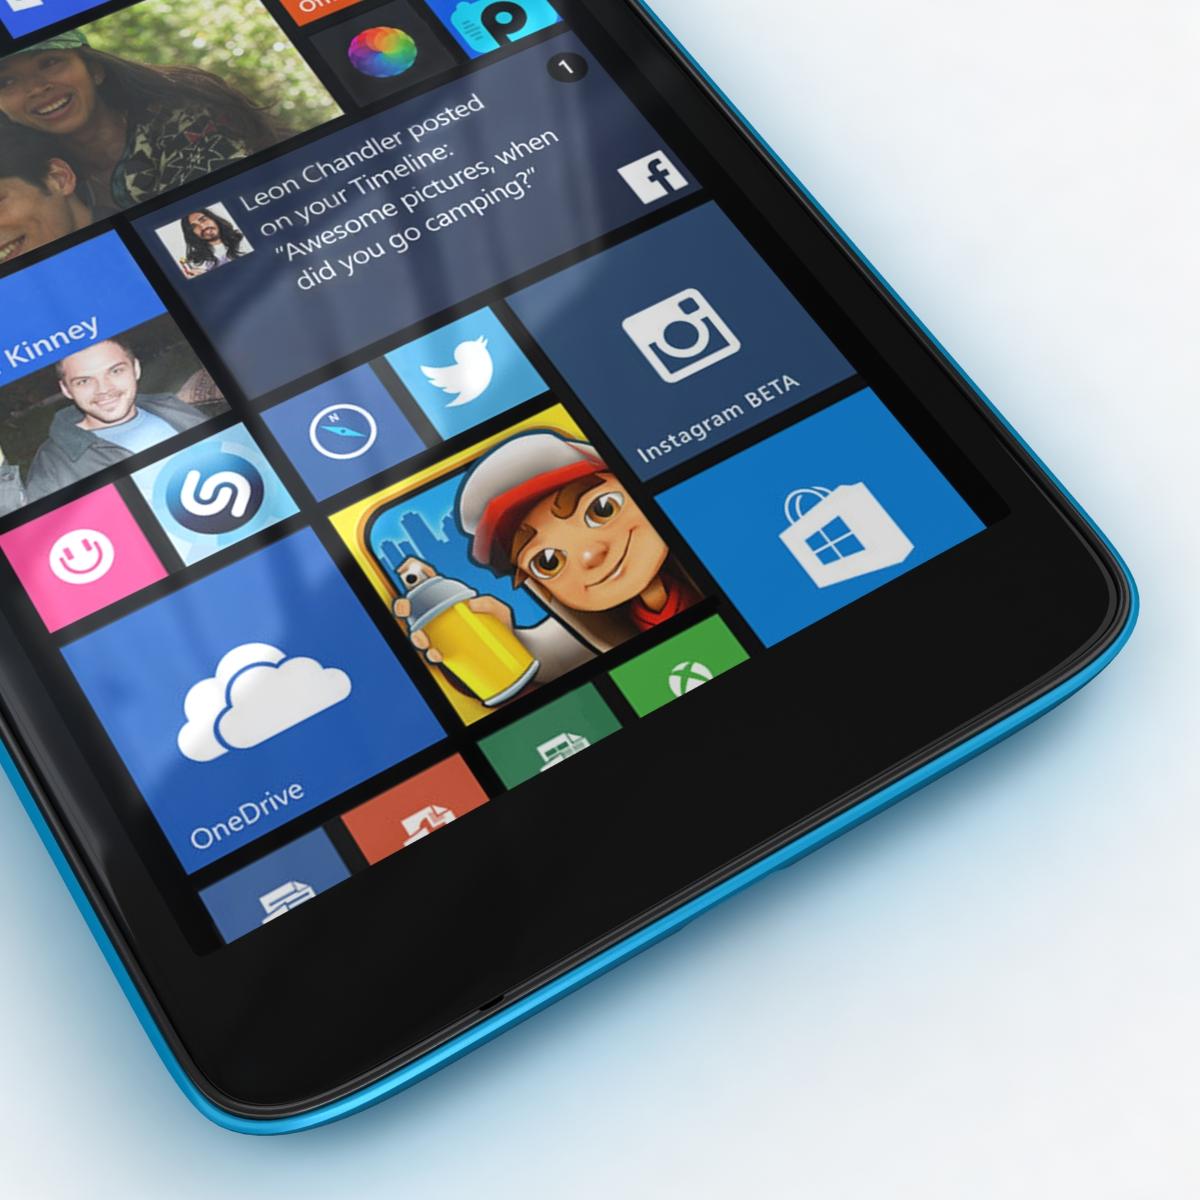 microsoft lumia 535 and dual sim all colors 3d model 3ds max fbx c4d obj 204696